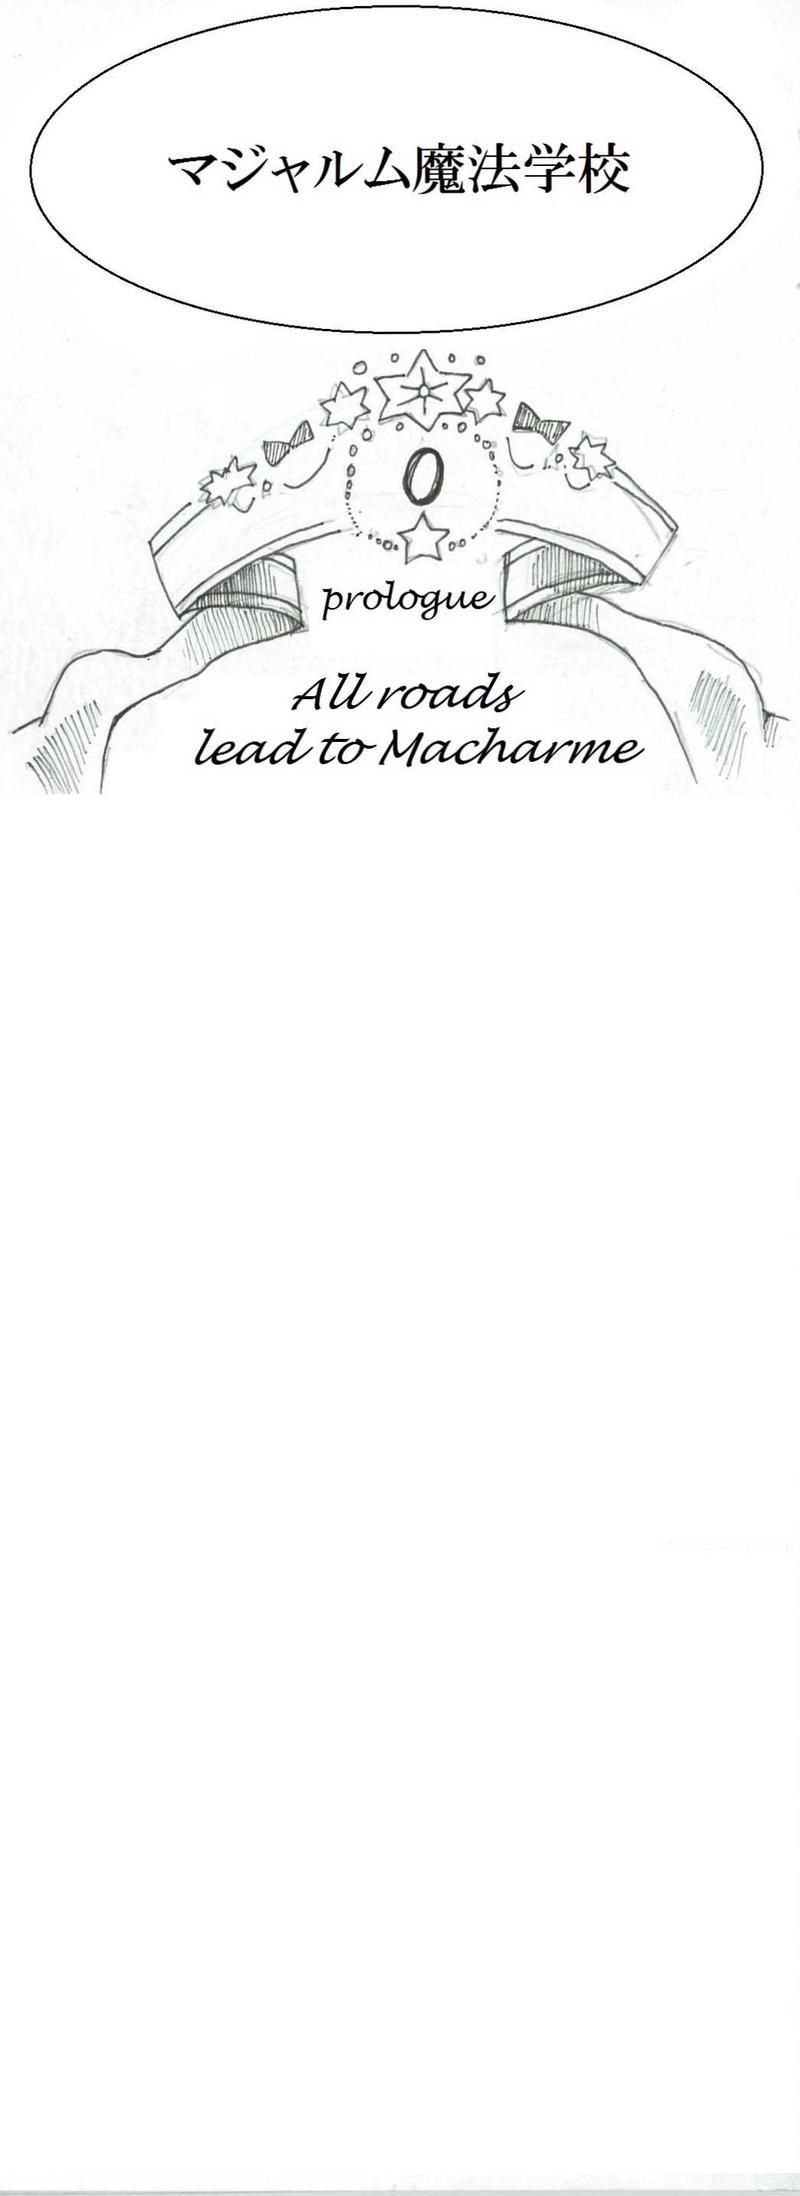 0.All roads lead to Macharme